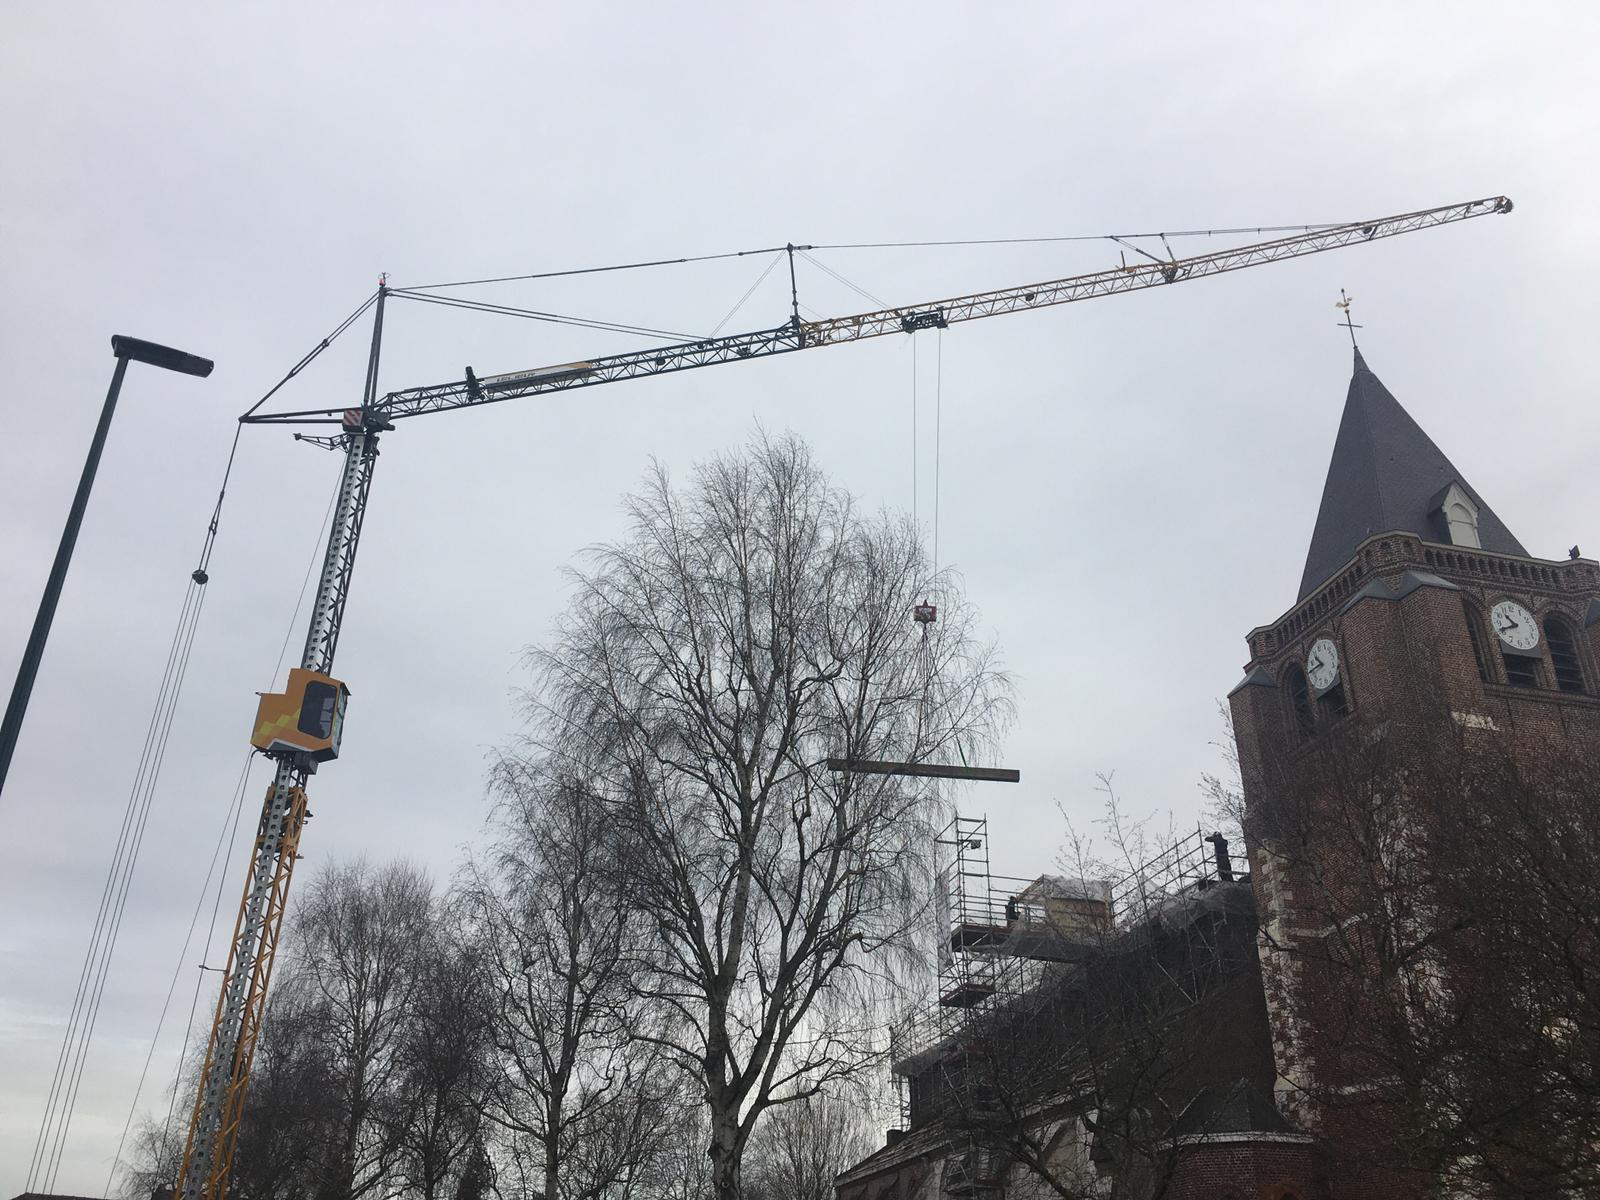 Levage d'éléments de charpente d'église à Verlinghem du côté de Lille dans le Nord (Hauts-de-France) avec notre MK88